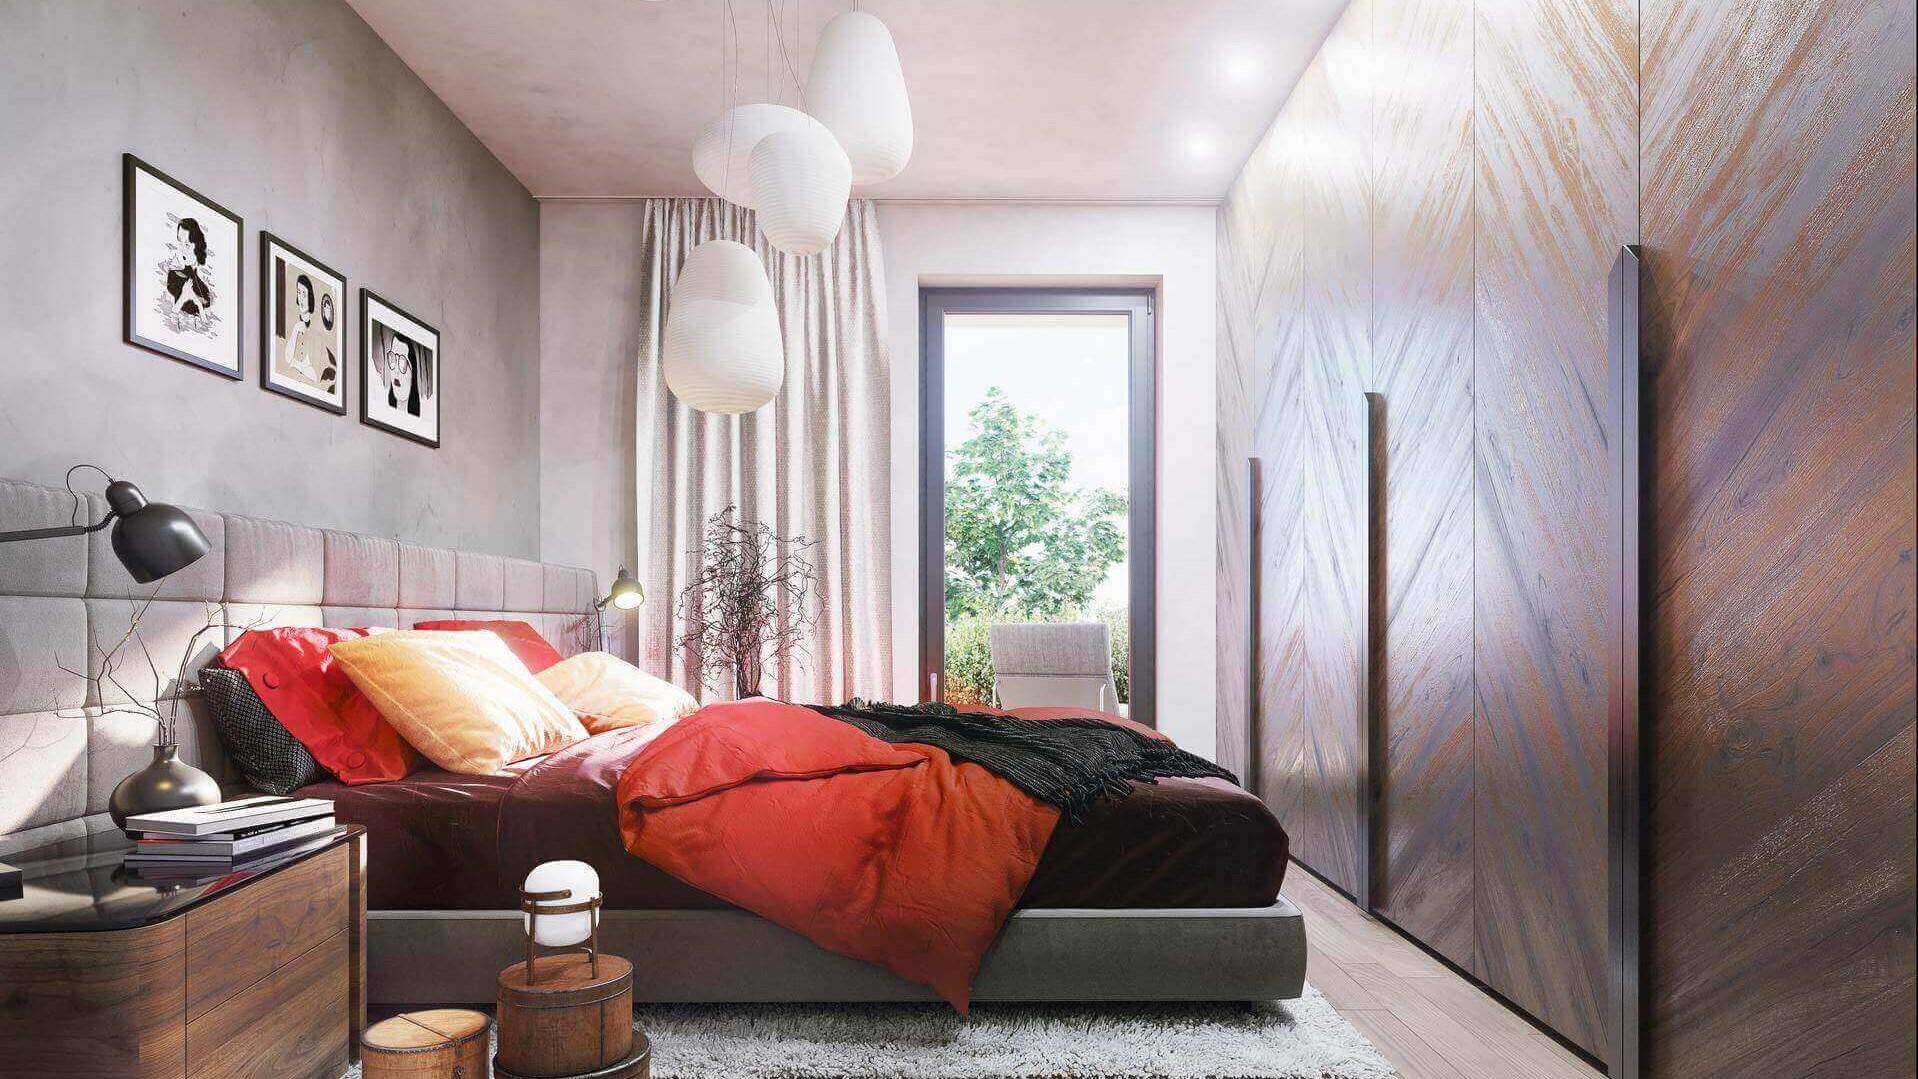 sreality, prodej bytu praha, chytrá domácnost, novostavby praha, investiční byty, developeři praha